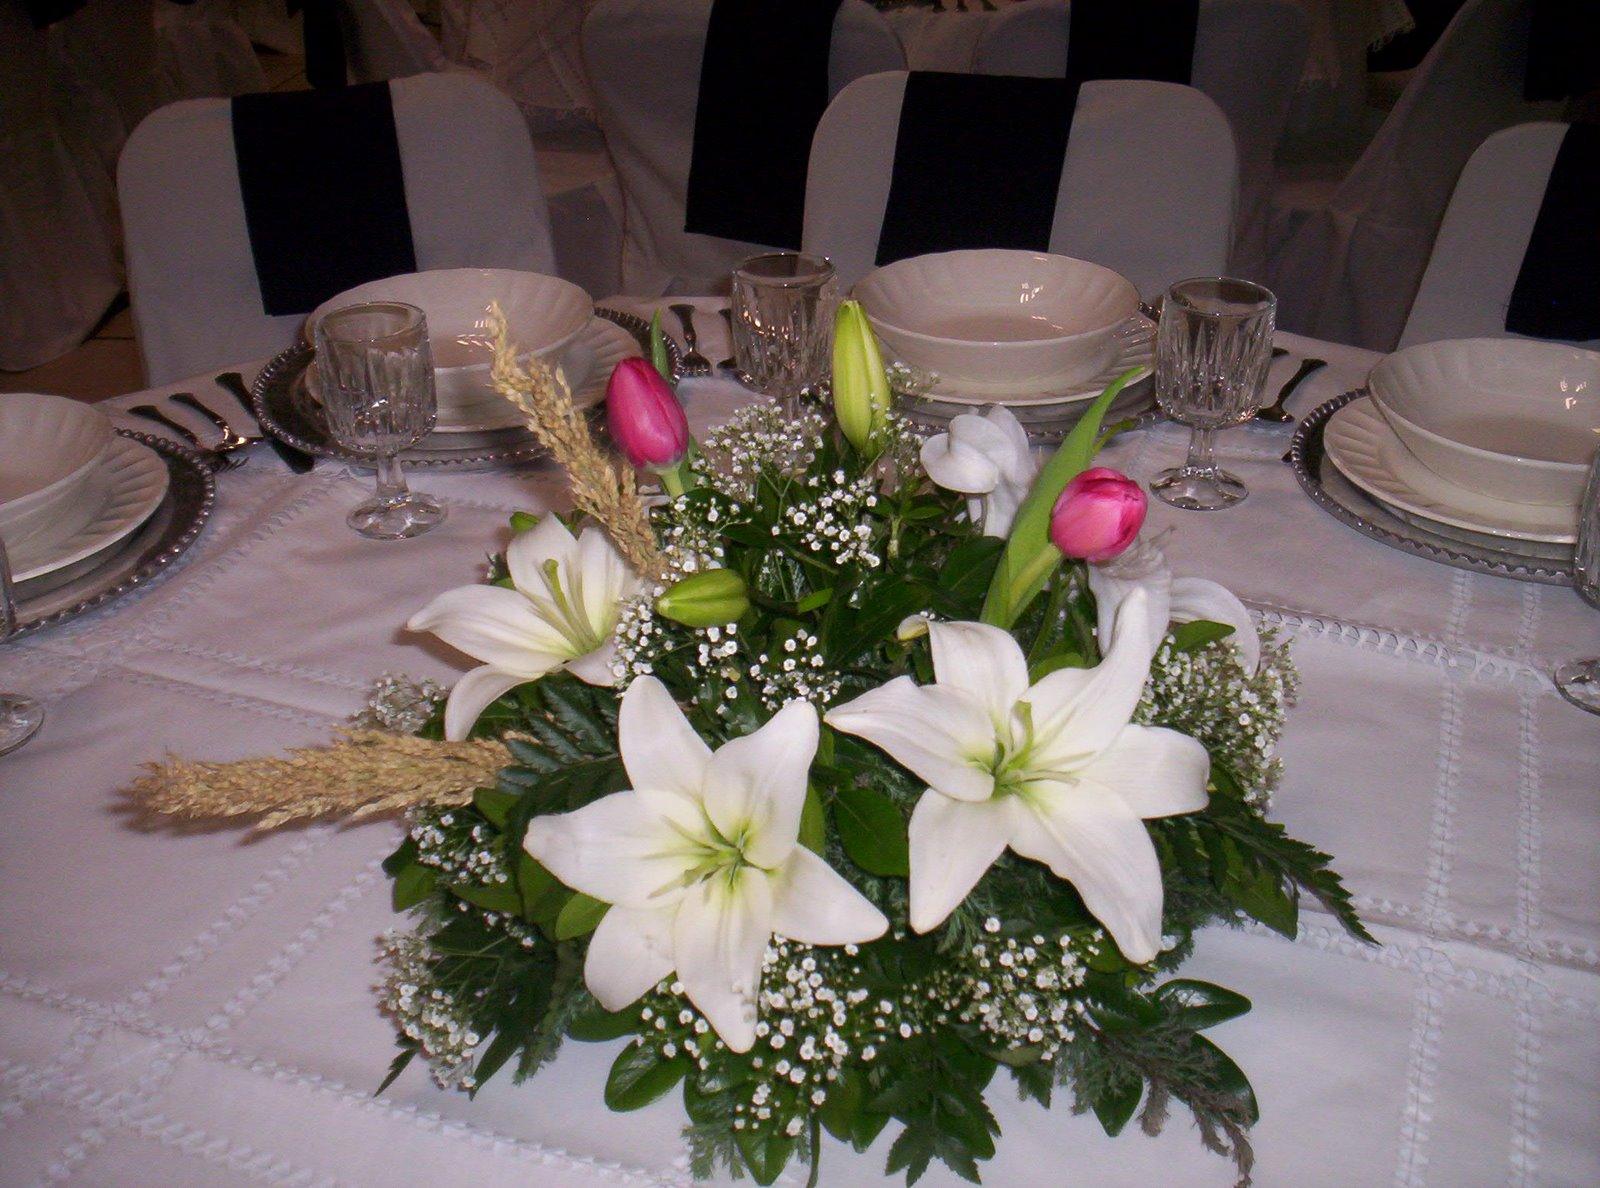 Centro de amigos flores para centro de mesa - Centro de mesas flores ...